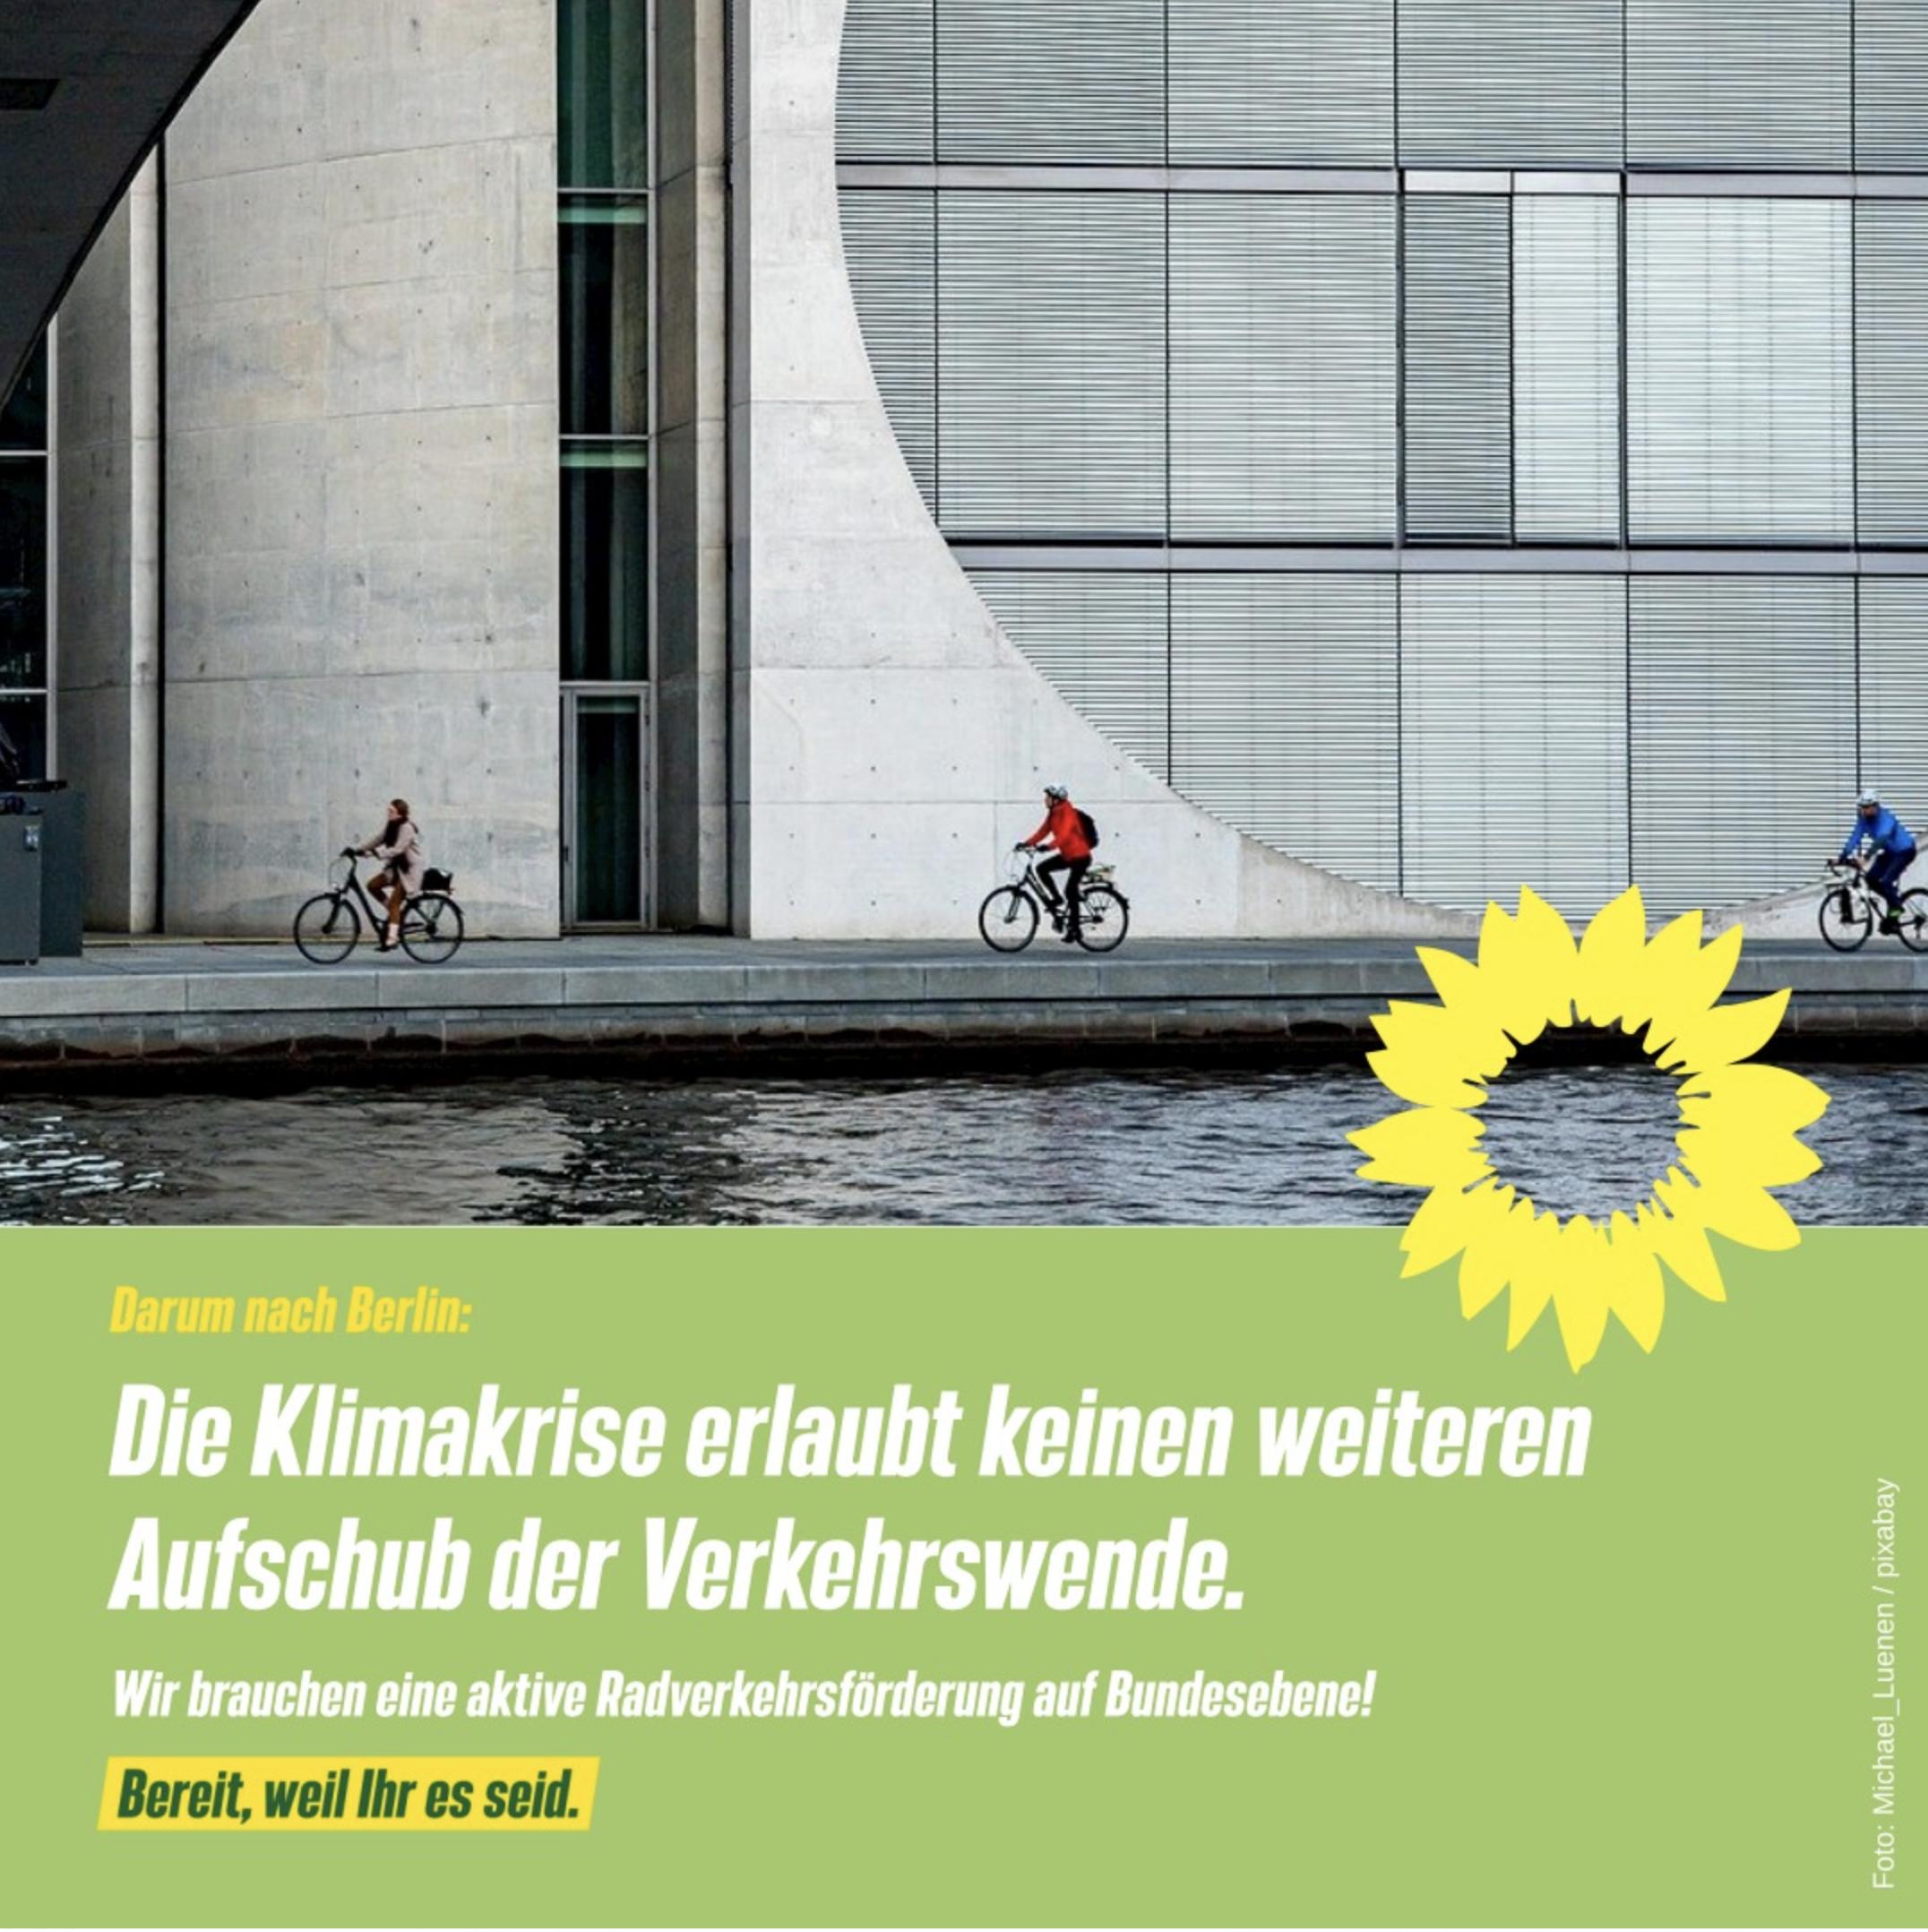 Wir brauchen eine aktive Radverkehrsförderung auf Bundesebene!